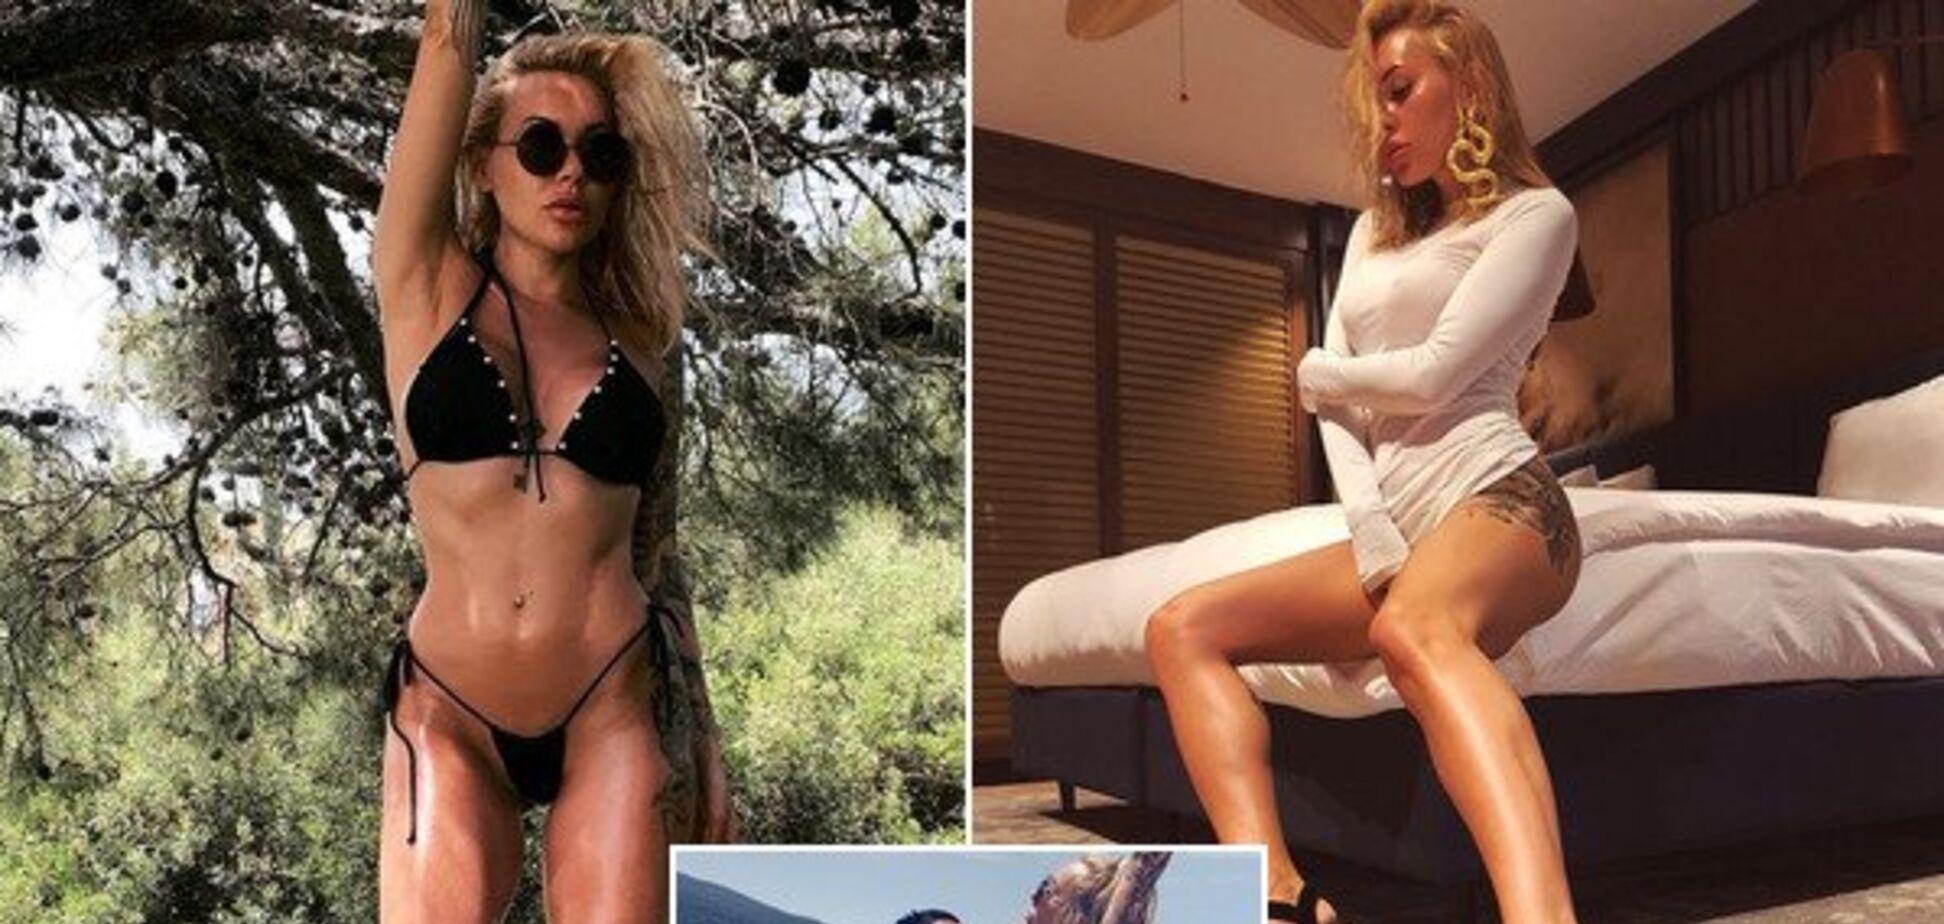 Силиконовая грудь жены экс-капитана 'Динамо' выпала на пляже из купальника: фотофакт